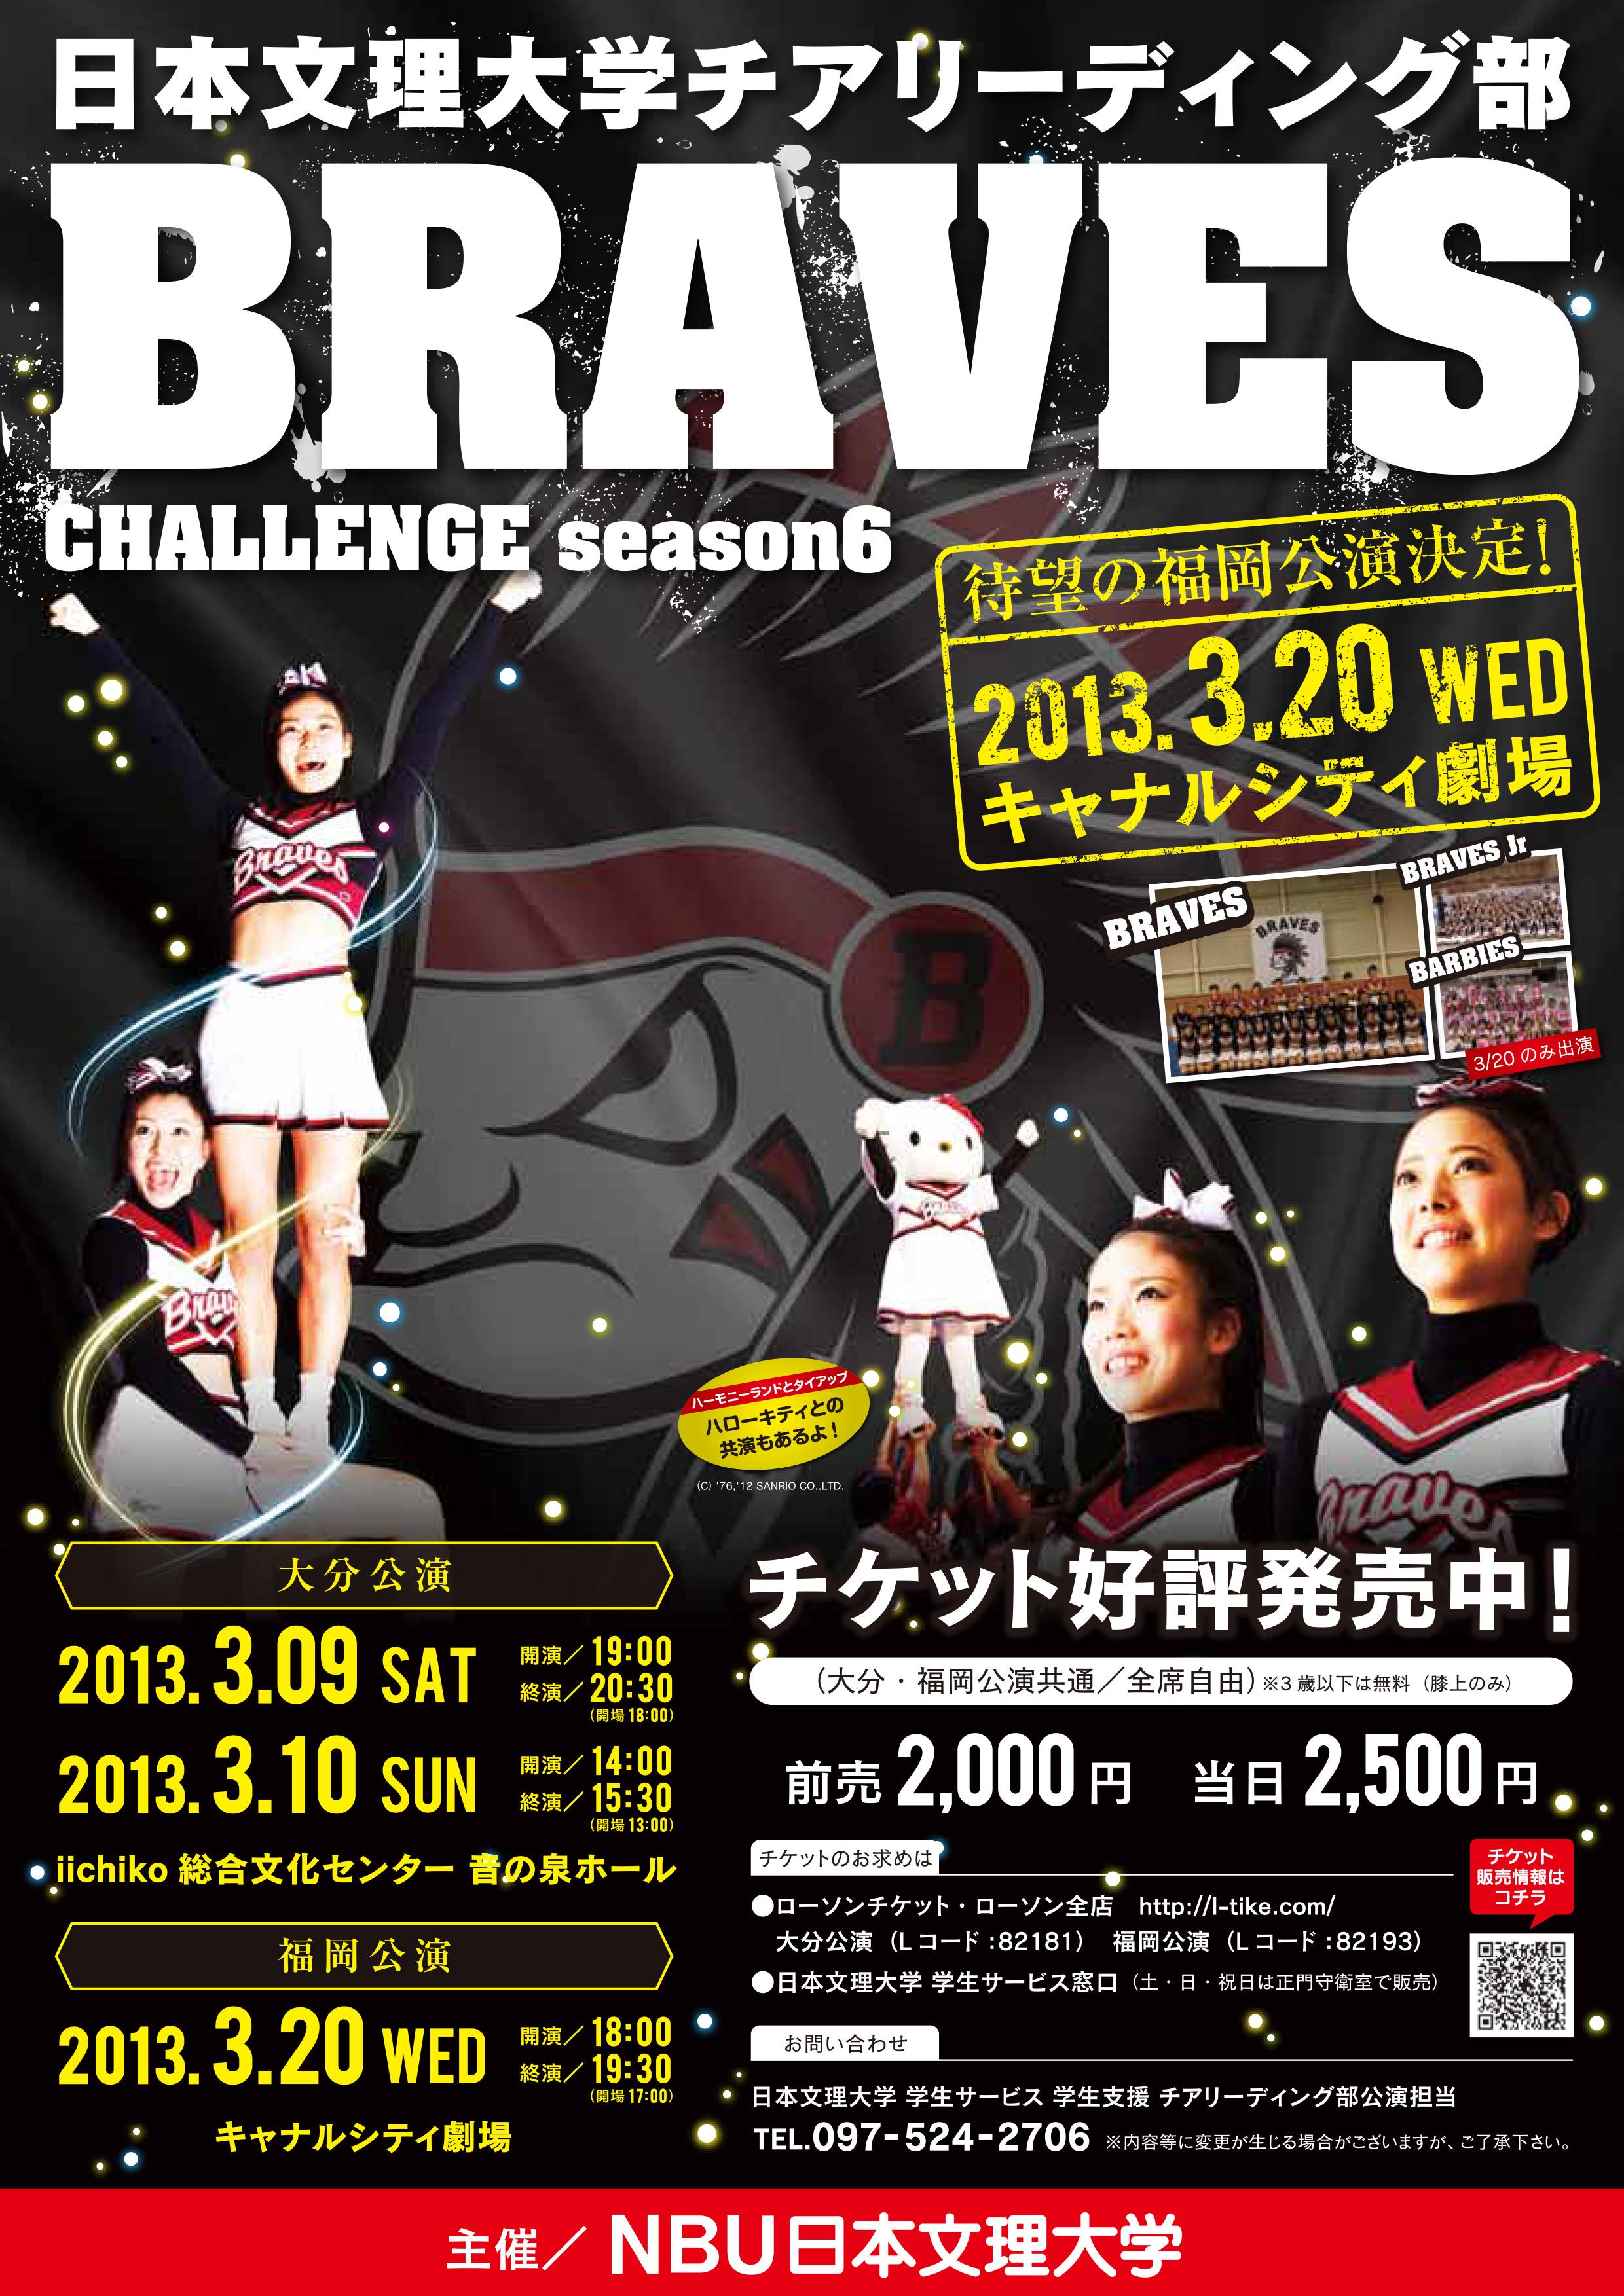 日本文理大学チアリーディング部 BRAVES CHALLENGE season6 A4パンフレット